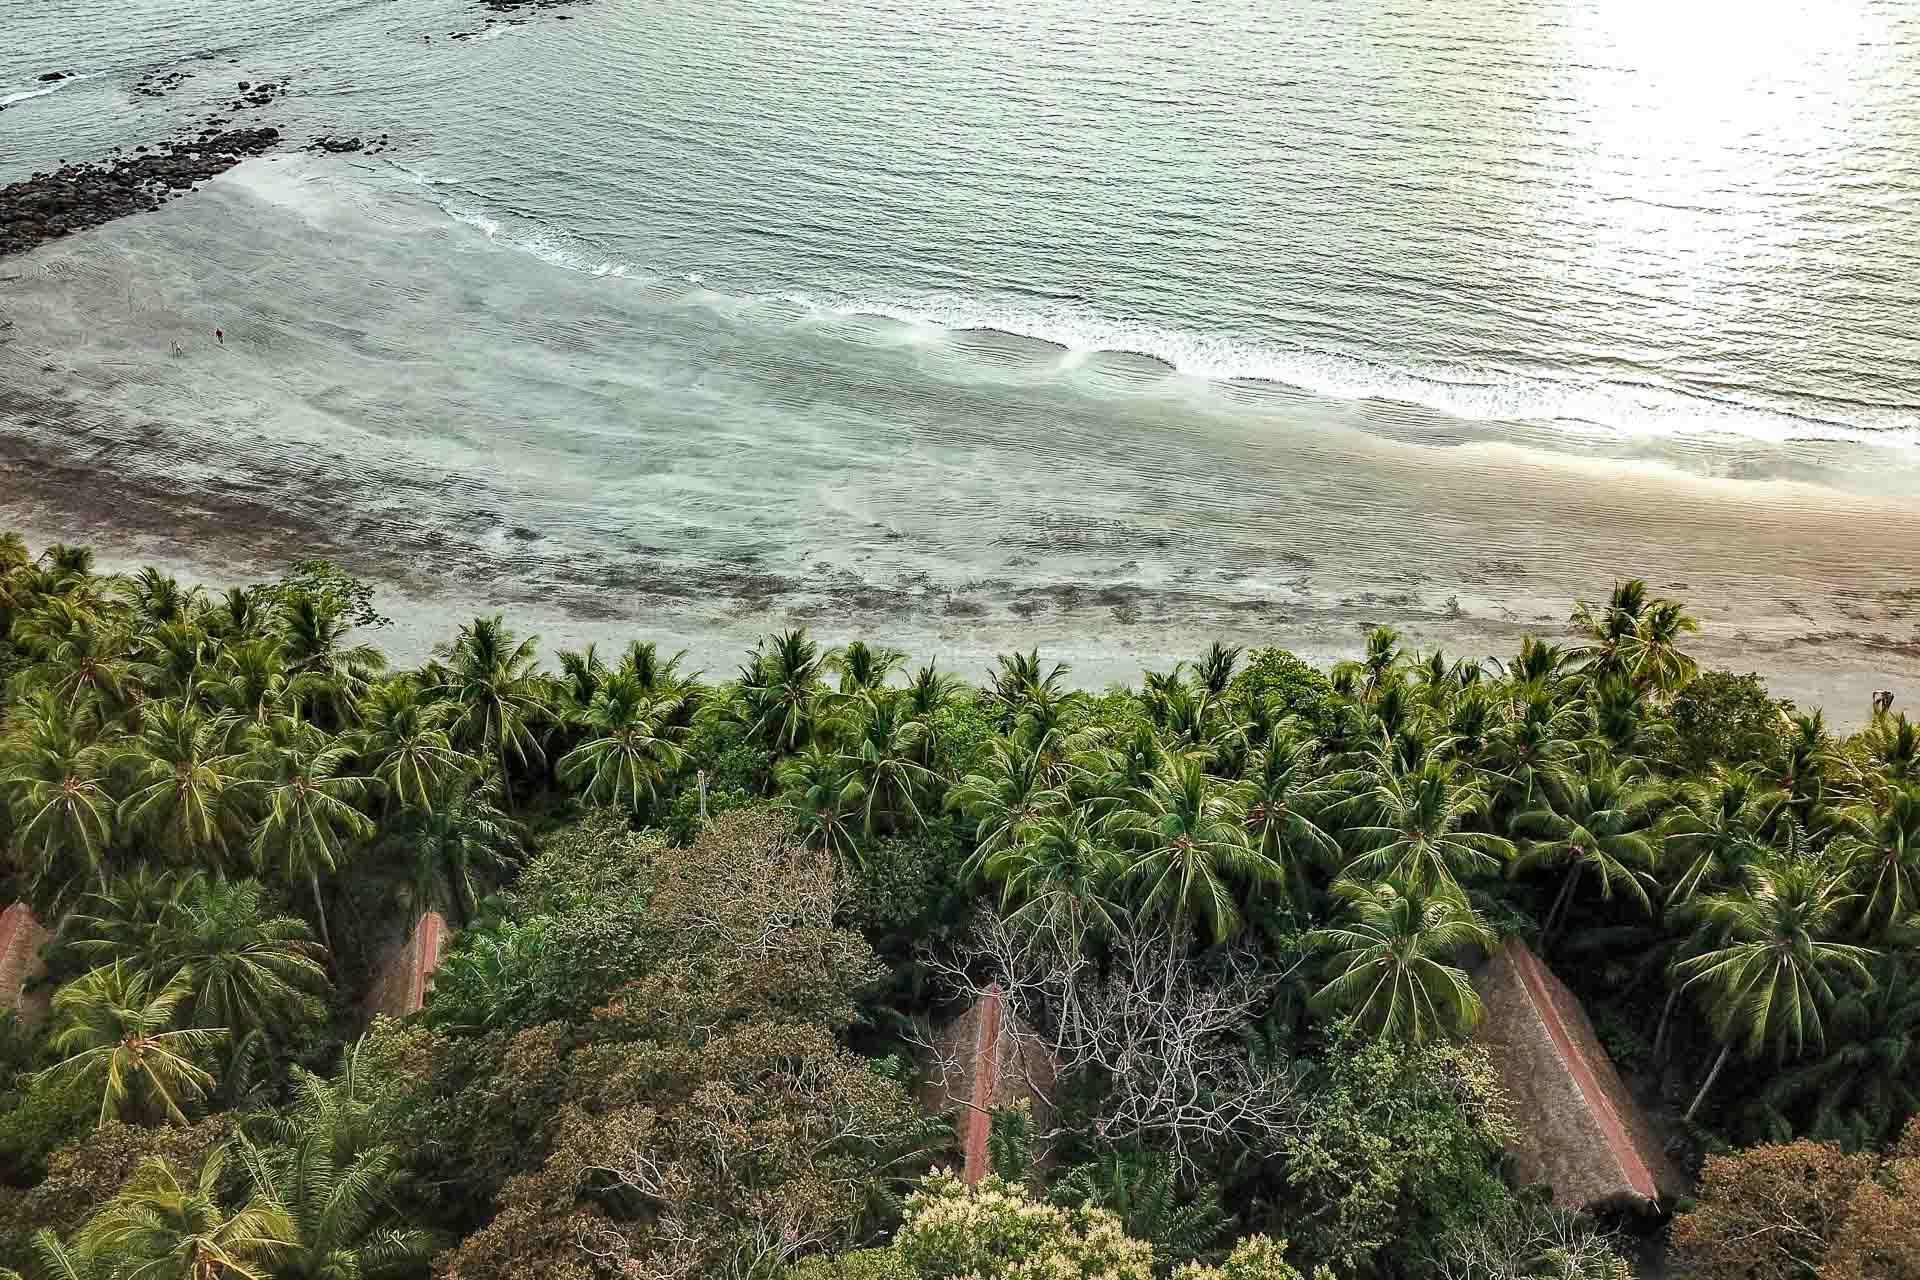 Nichée au cœur d'une île sauvage dans le golfe de Chiriqui au Panama, Isla Palenque est un écrin naturel, resté à l'abri des regards. Plages paradisiaques et bungalows lovés dans la palmeraie, dans cet hôtel sélectionné par l'agence Eluxtravel, le confort absolu se conjugue avec le respect de l'environnement.